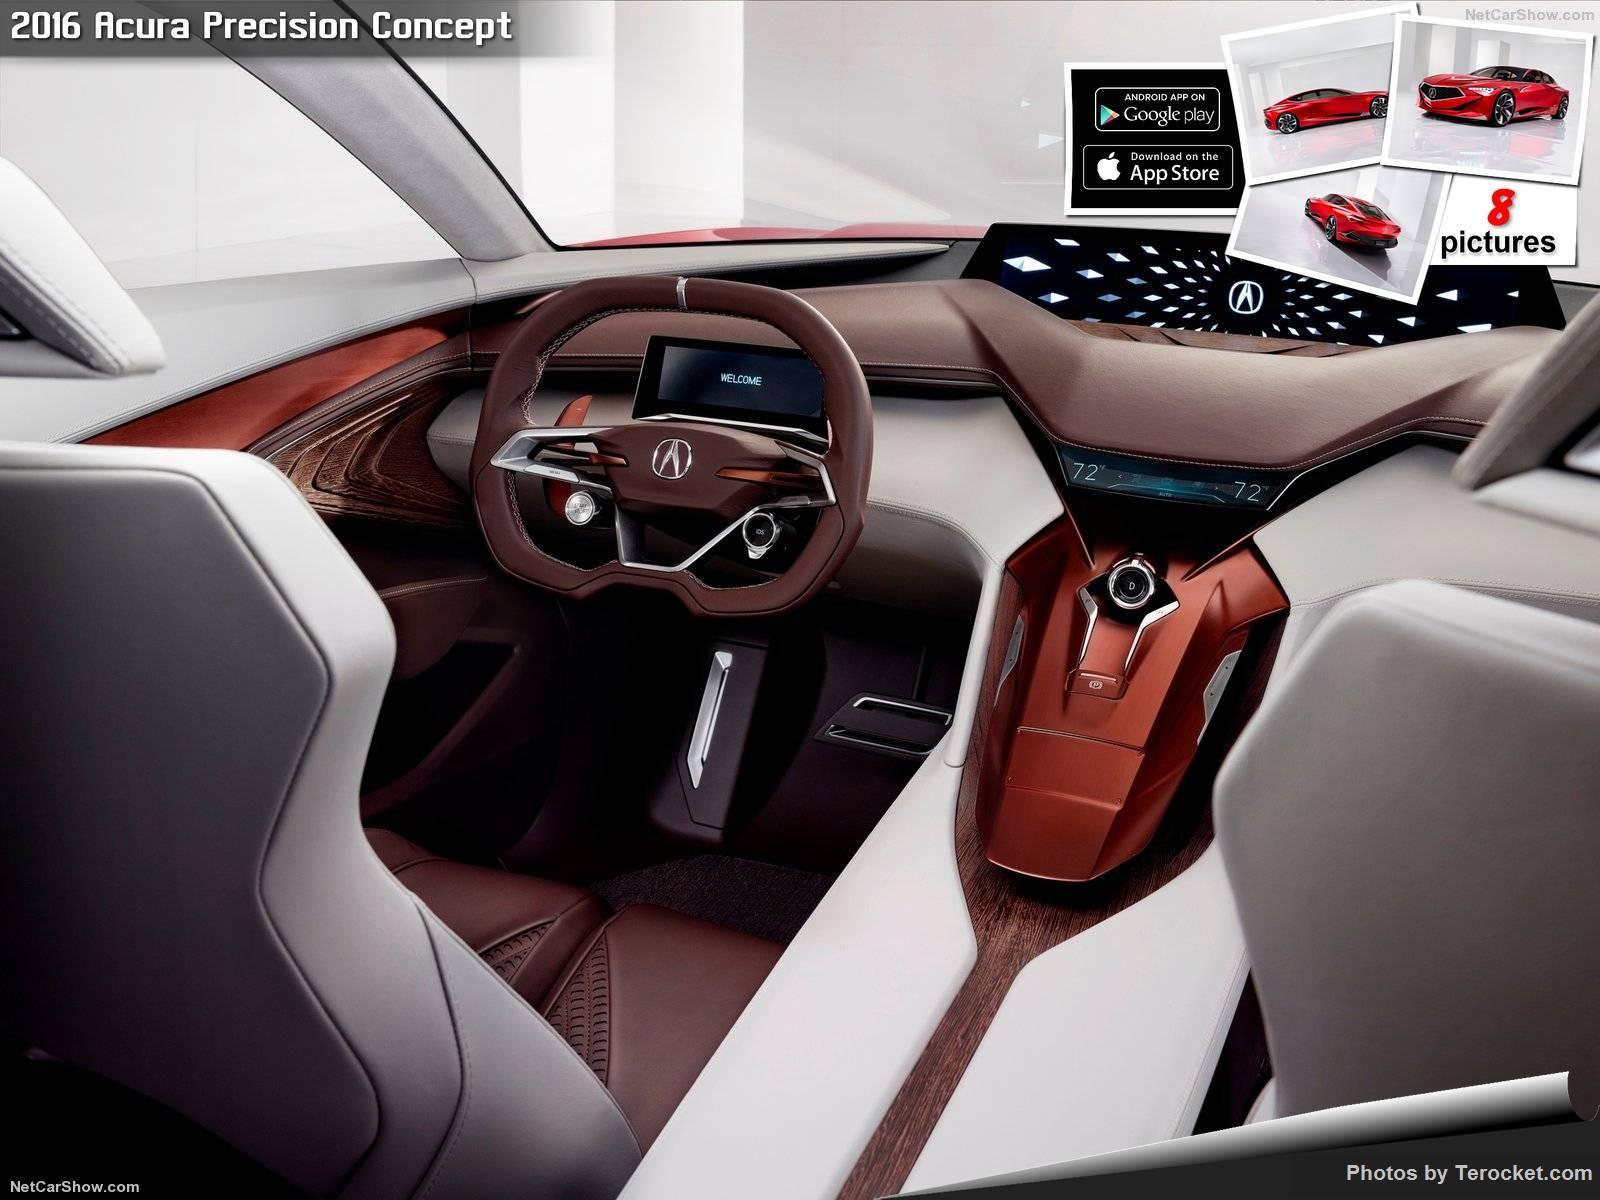 Hình ảnh xe ô tô Acura Precision Concept 2016 & nội ngoại thất